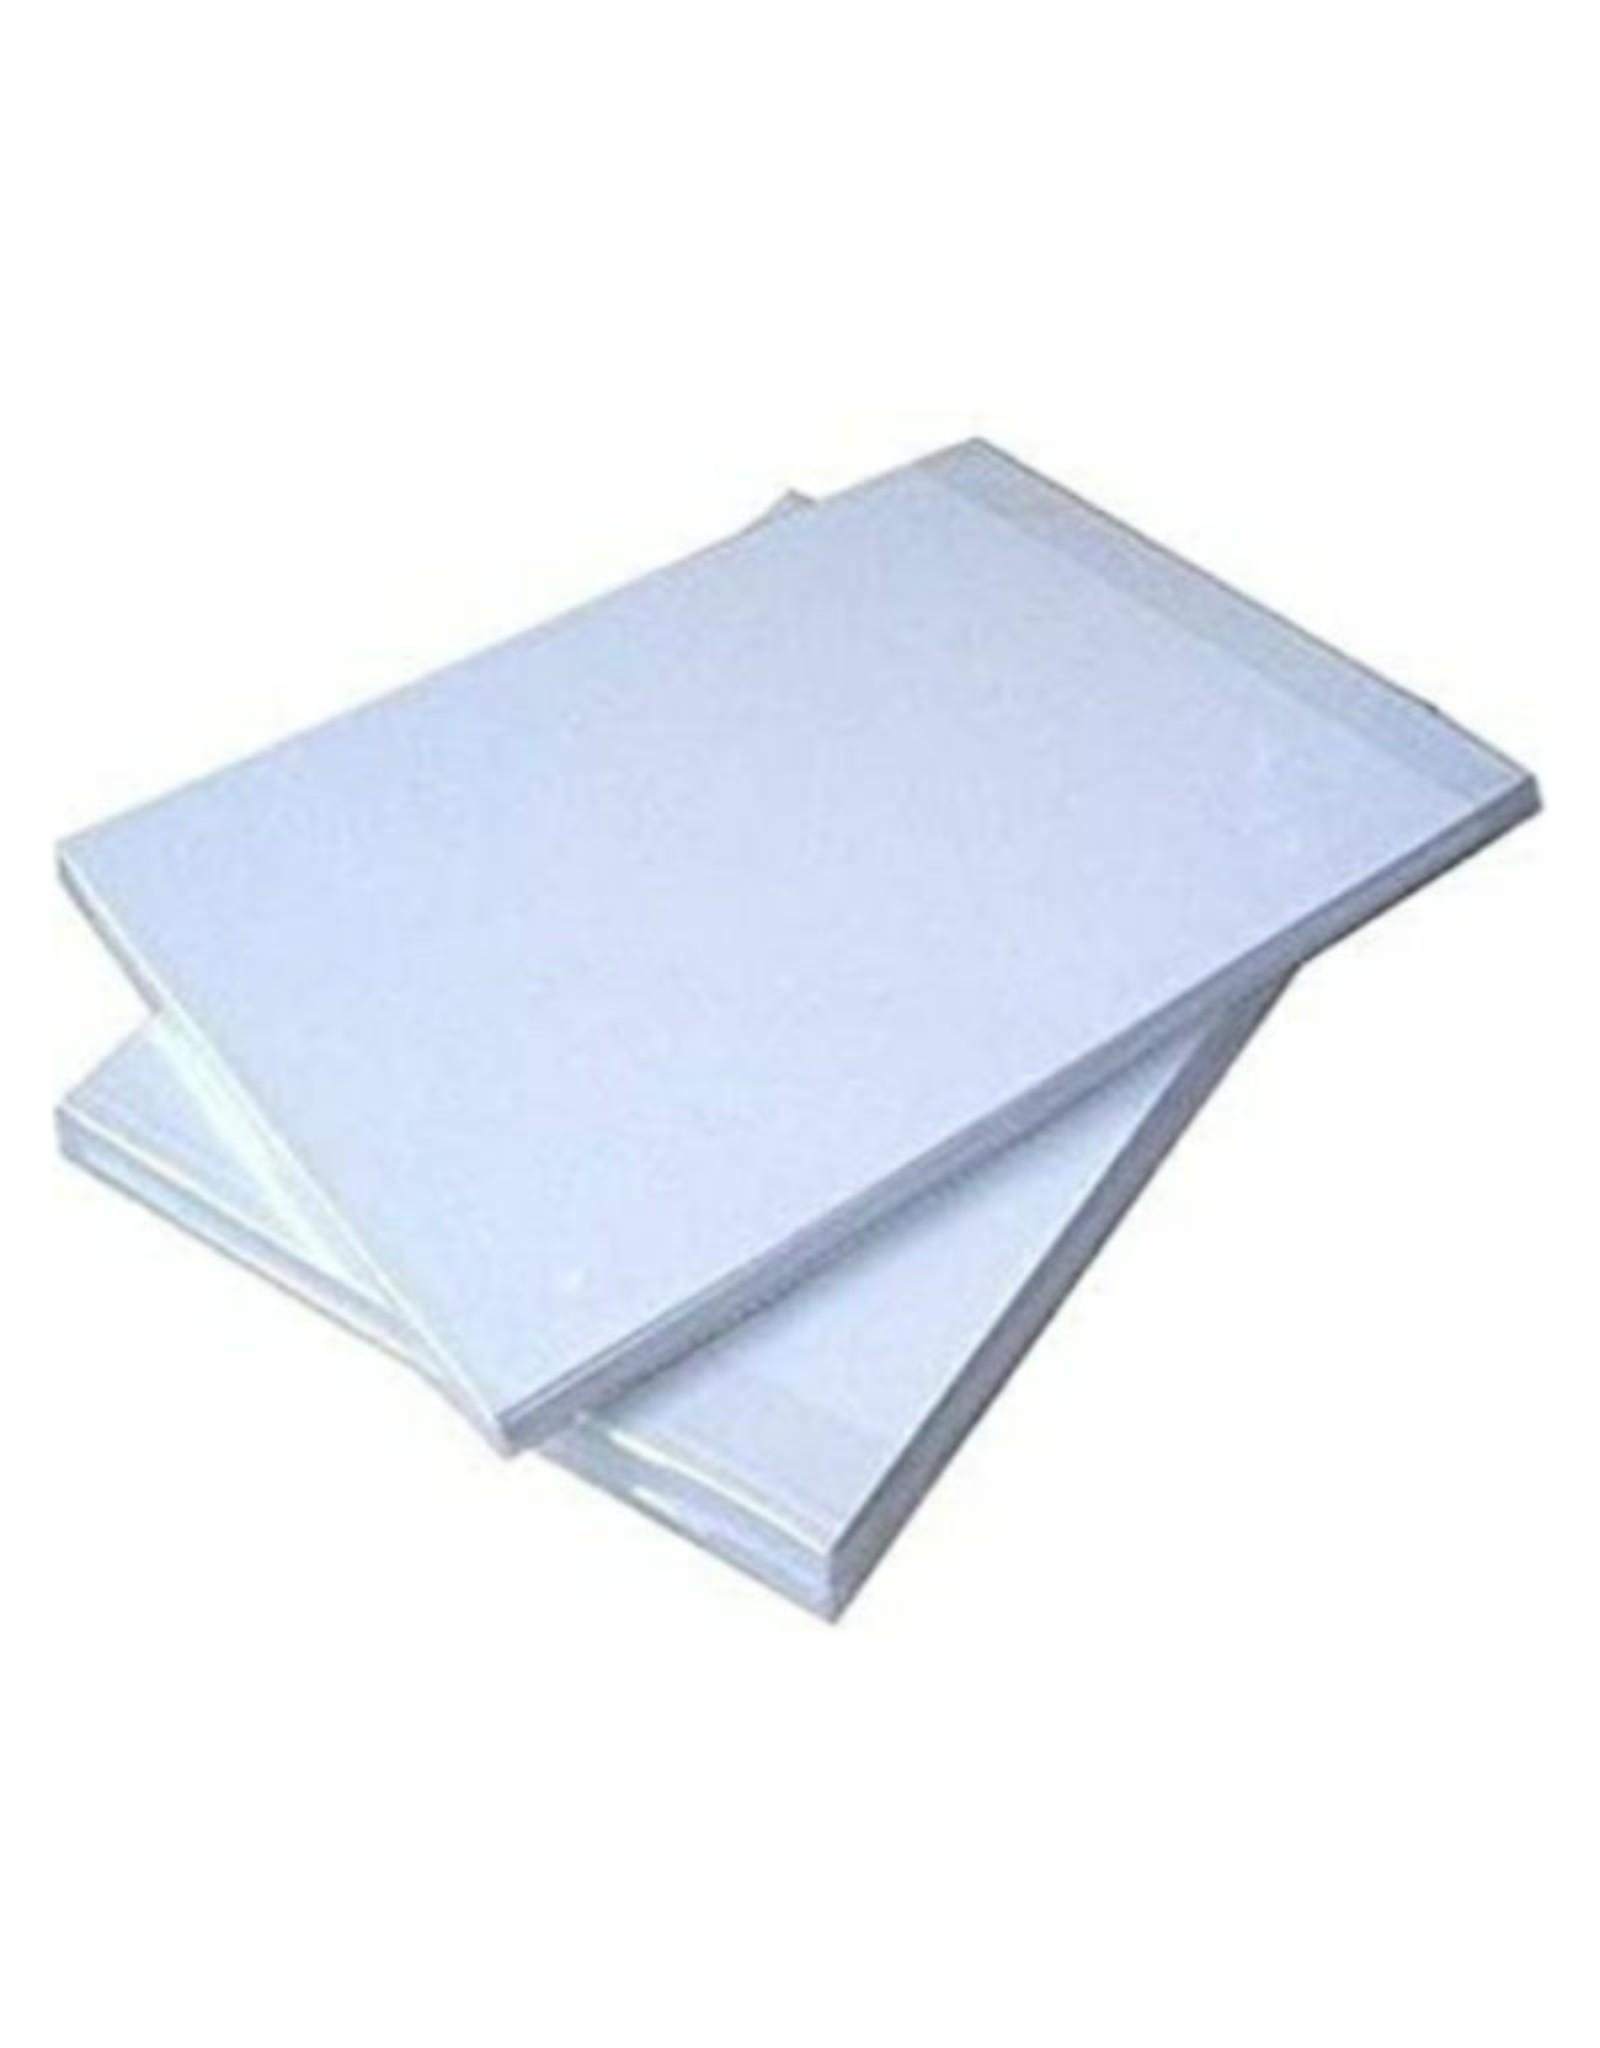 SUBLIMATION PAPER-100 PK. 11X17